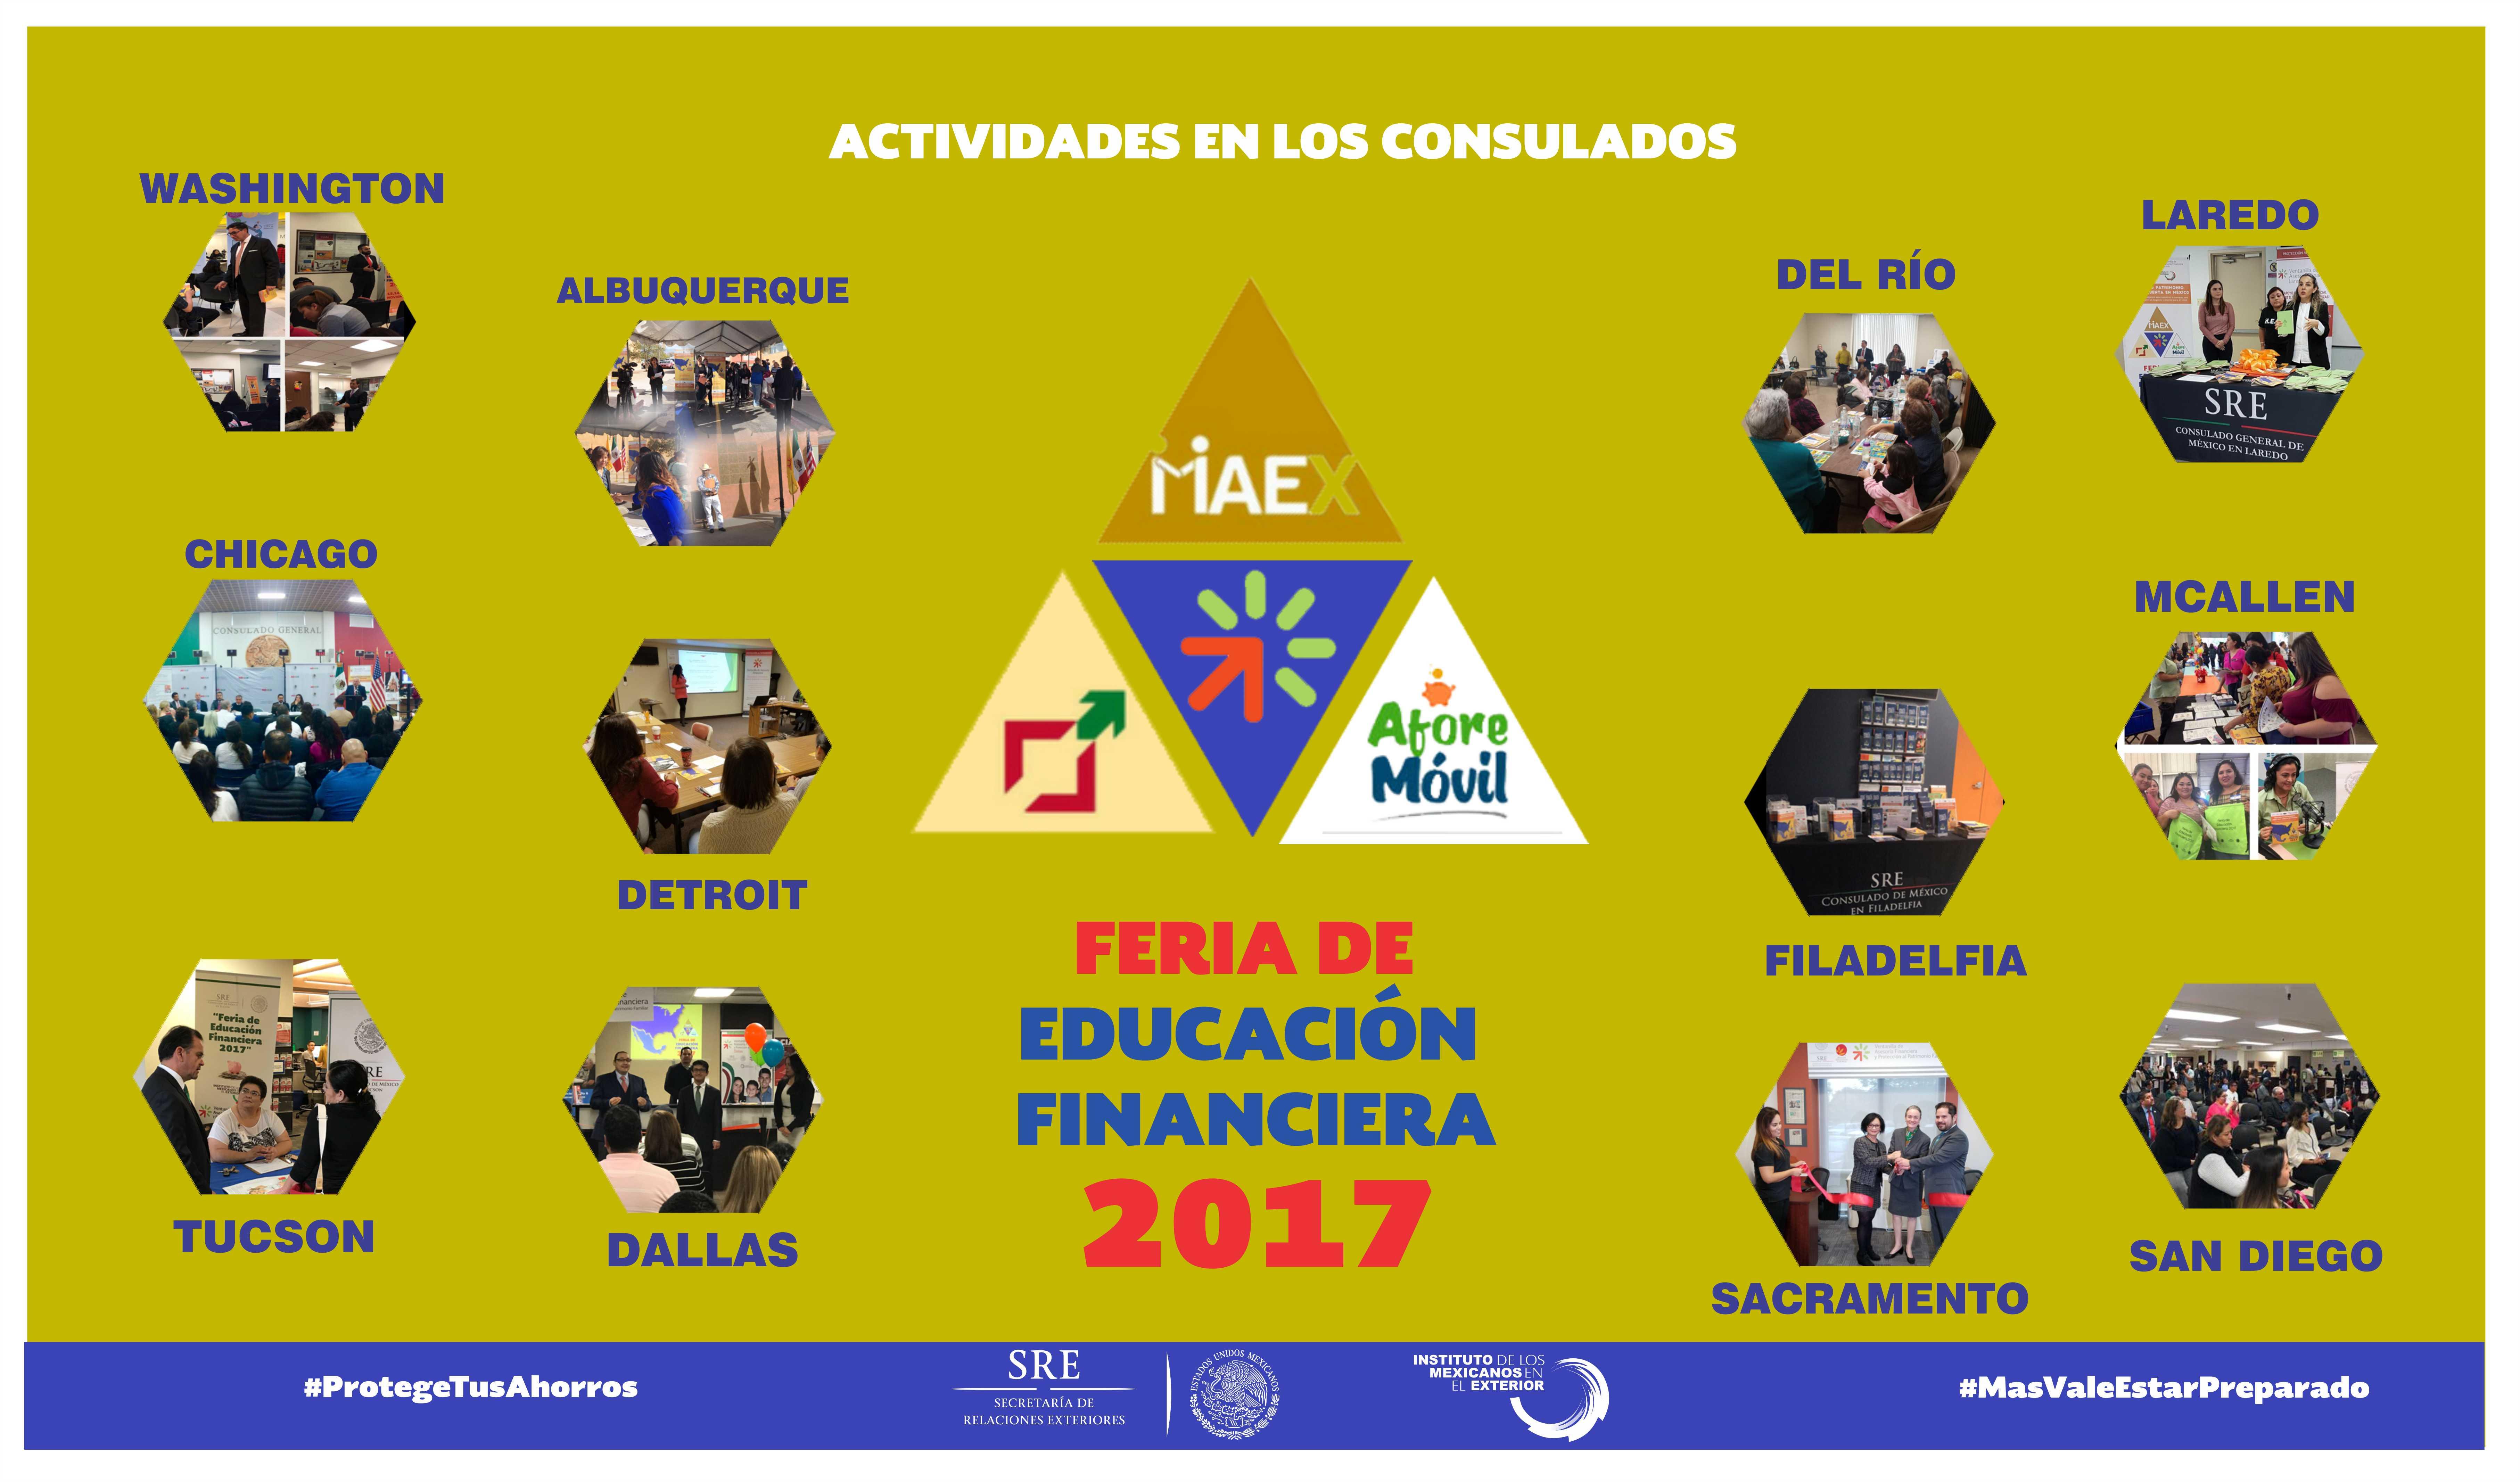 Feria de Educación Financiera 2017